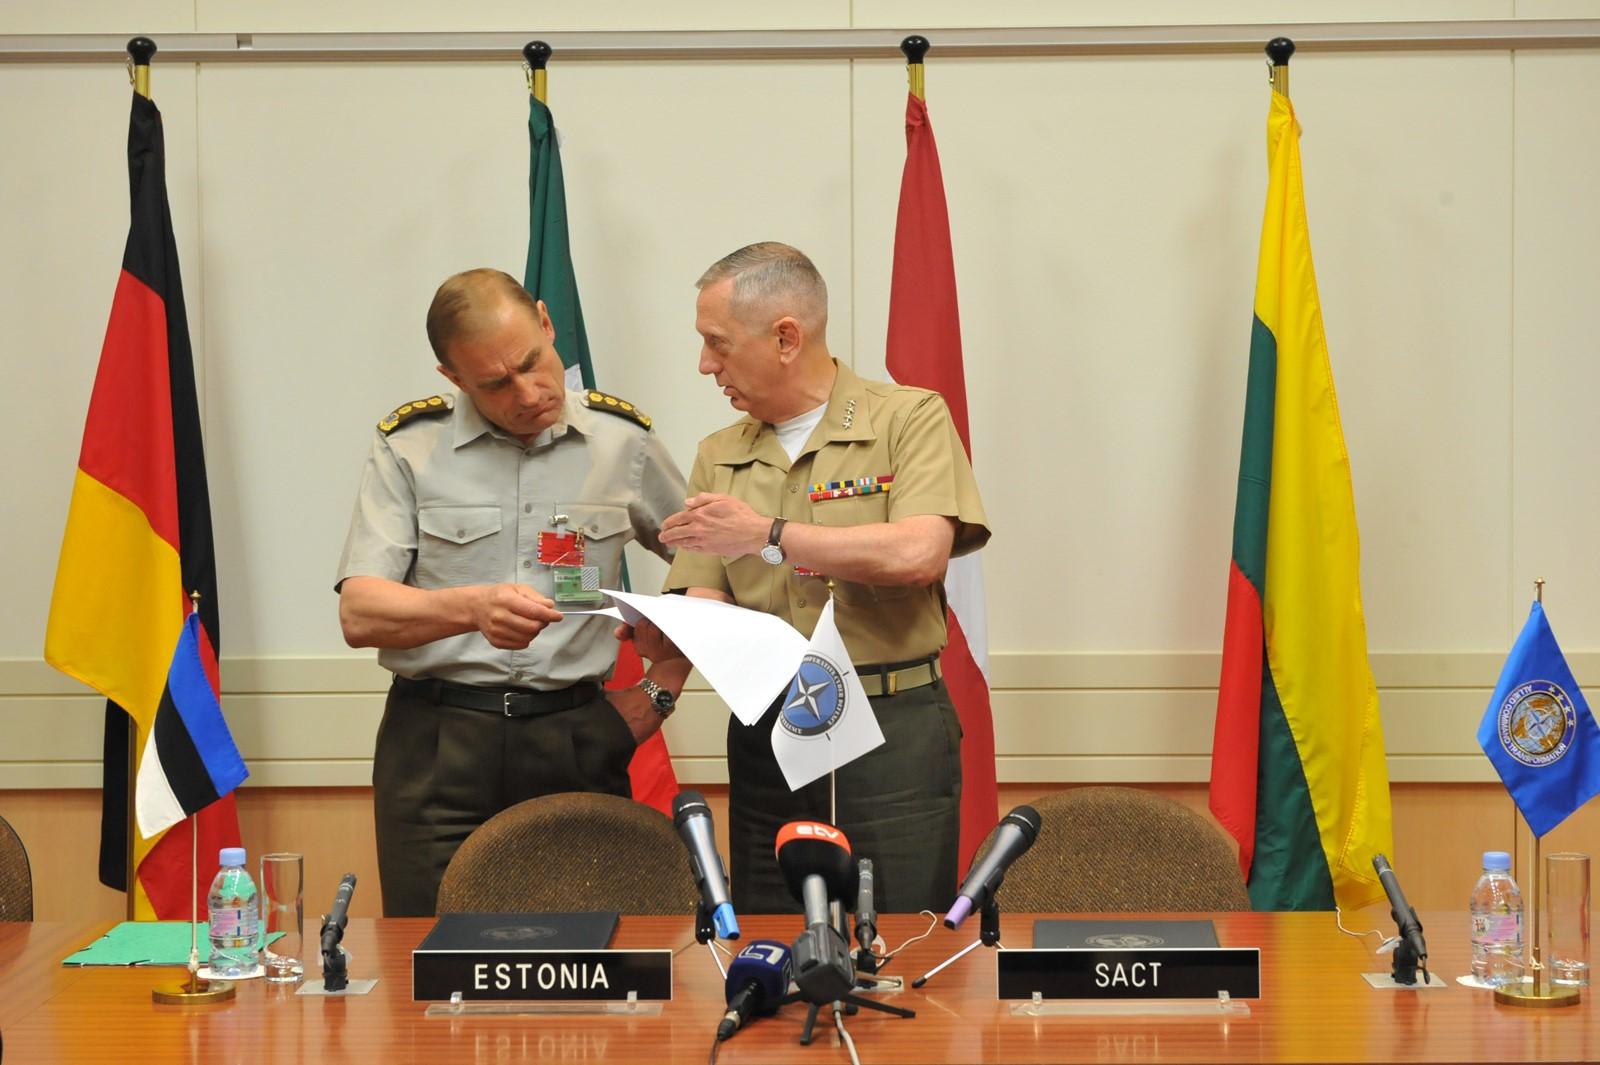 USA kindral James Mattis ja autor NATO Küberkaitsekoostöö Keskuse loomise leppe allkirjastamisel Brüsselis 2008. aastal. Foto: Ants Laaneotsa erakogu